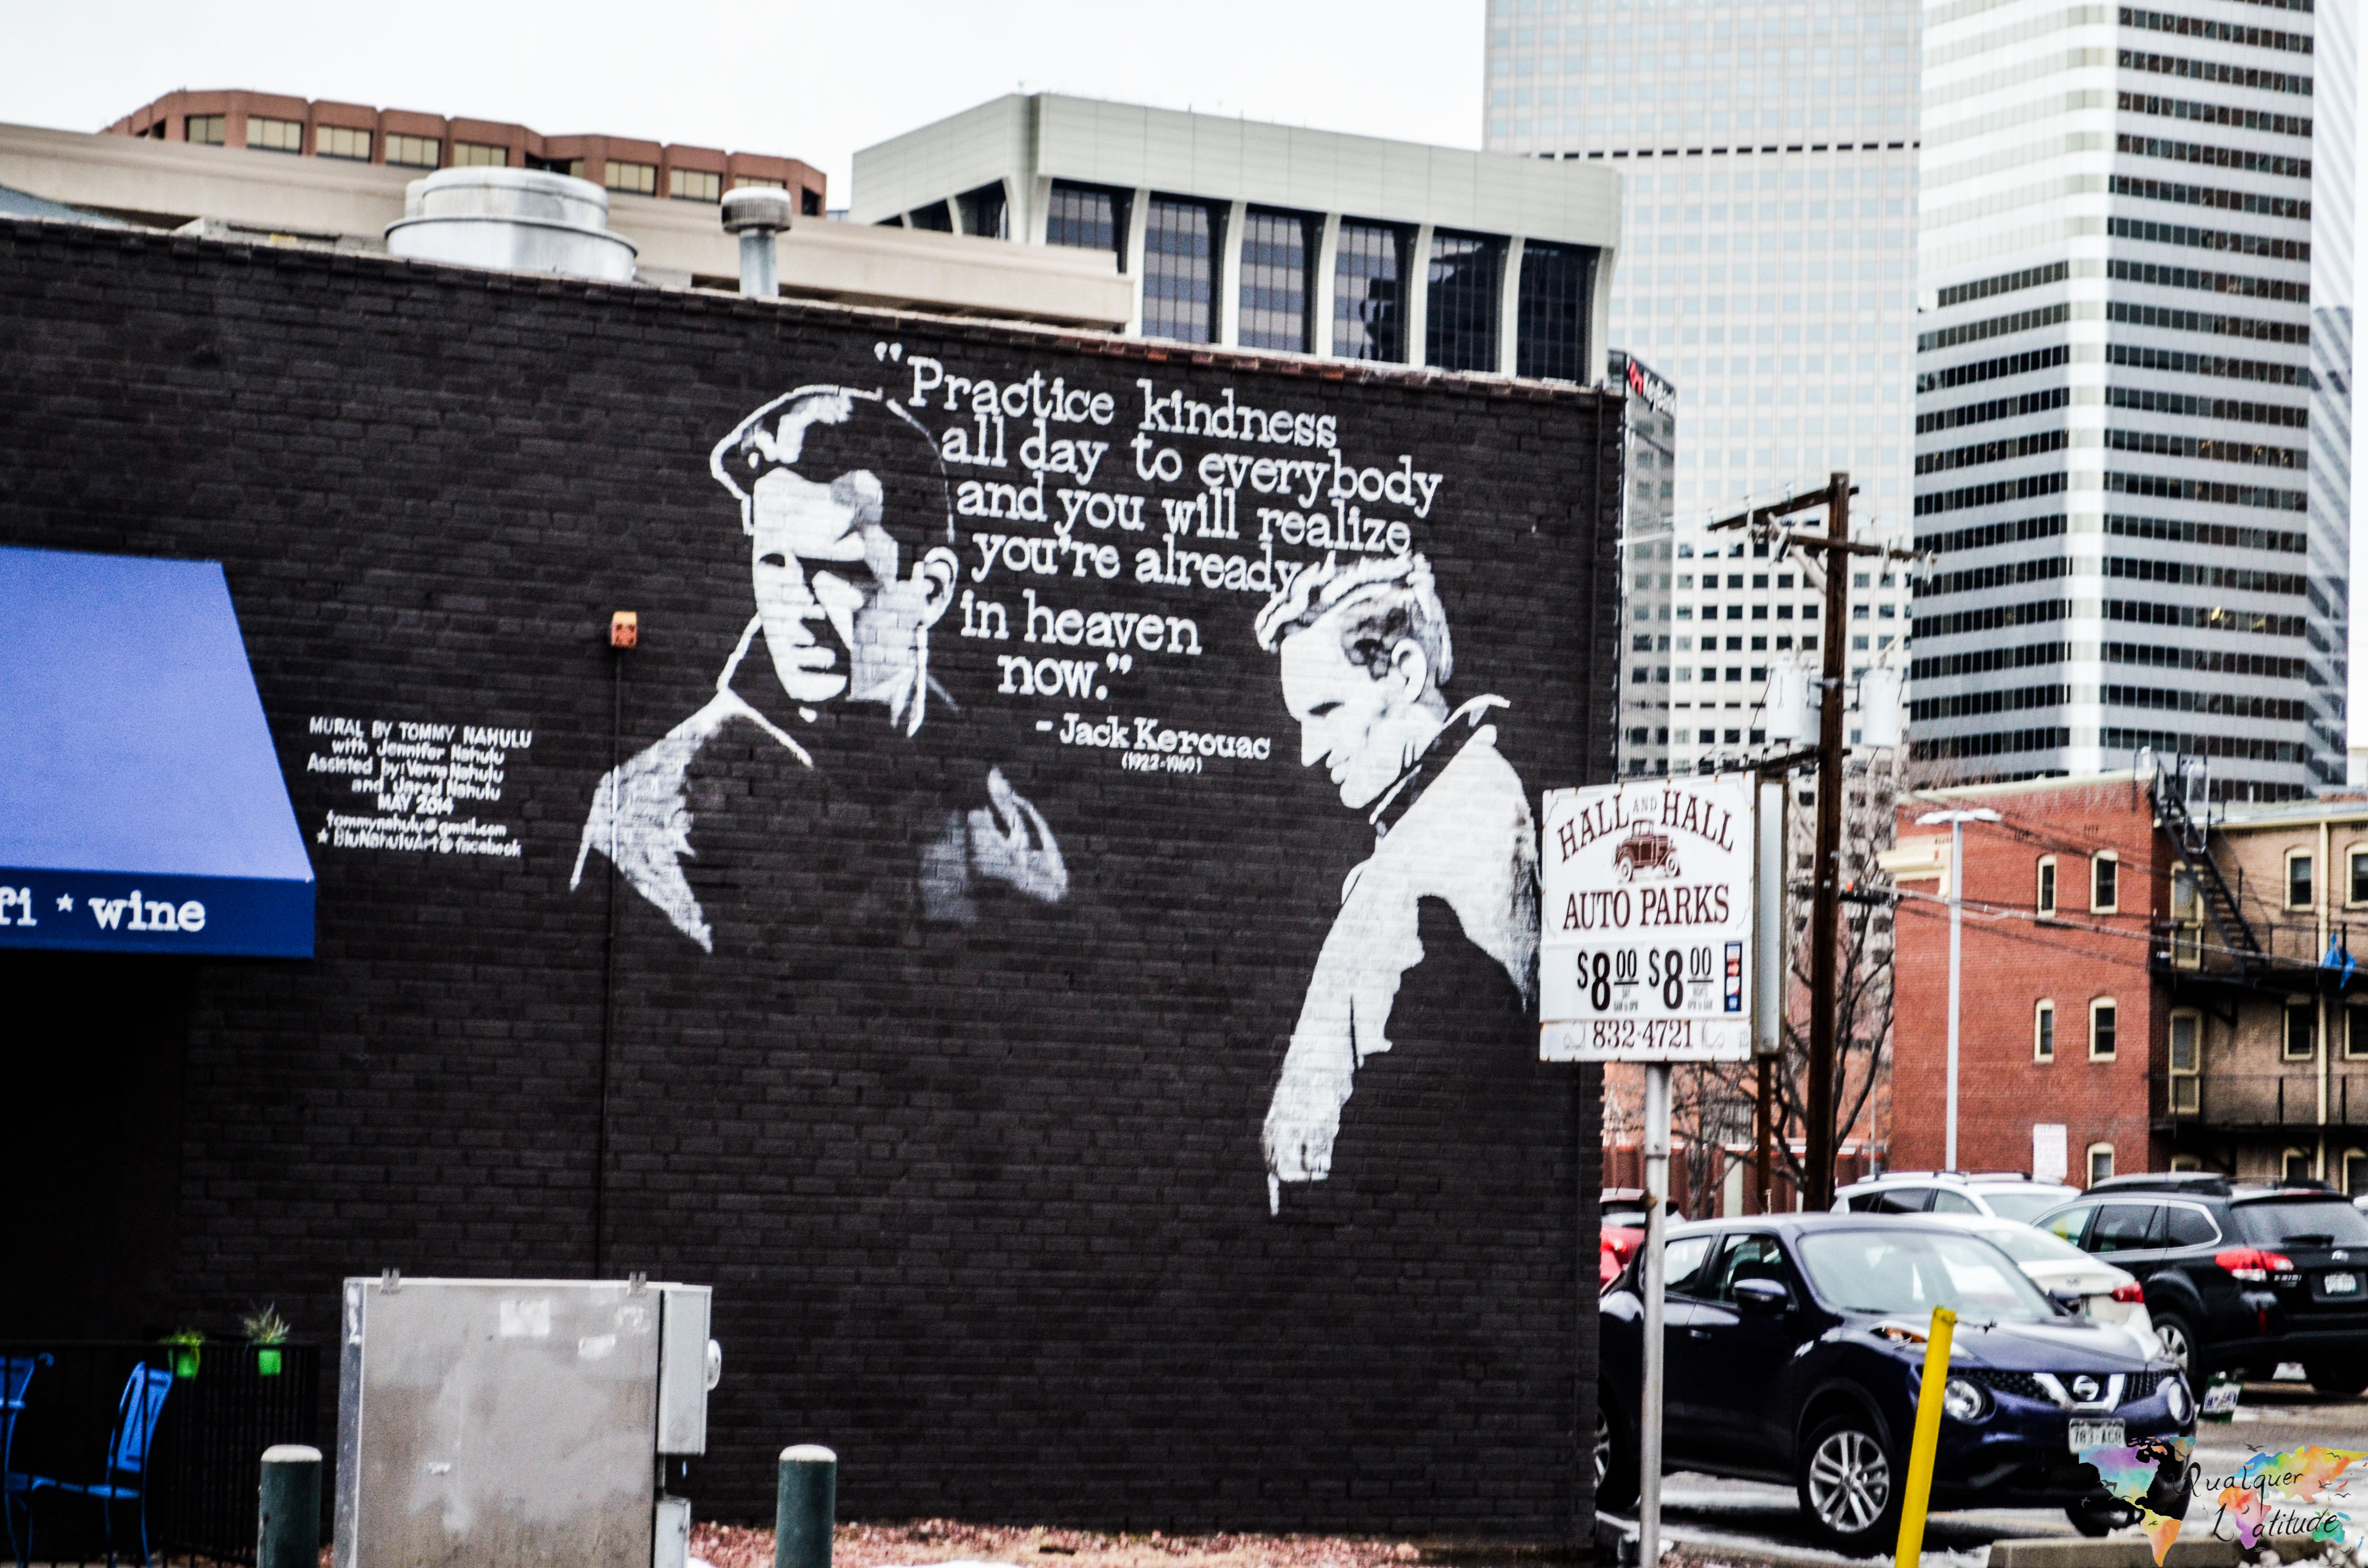 street art denver (8 of 8)